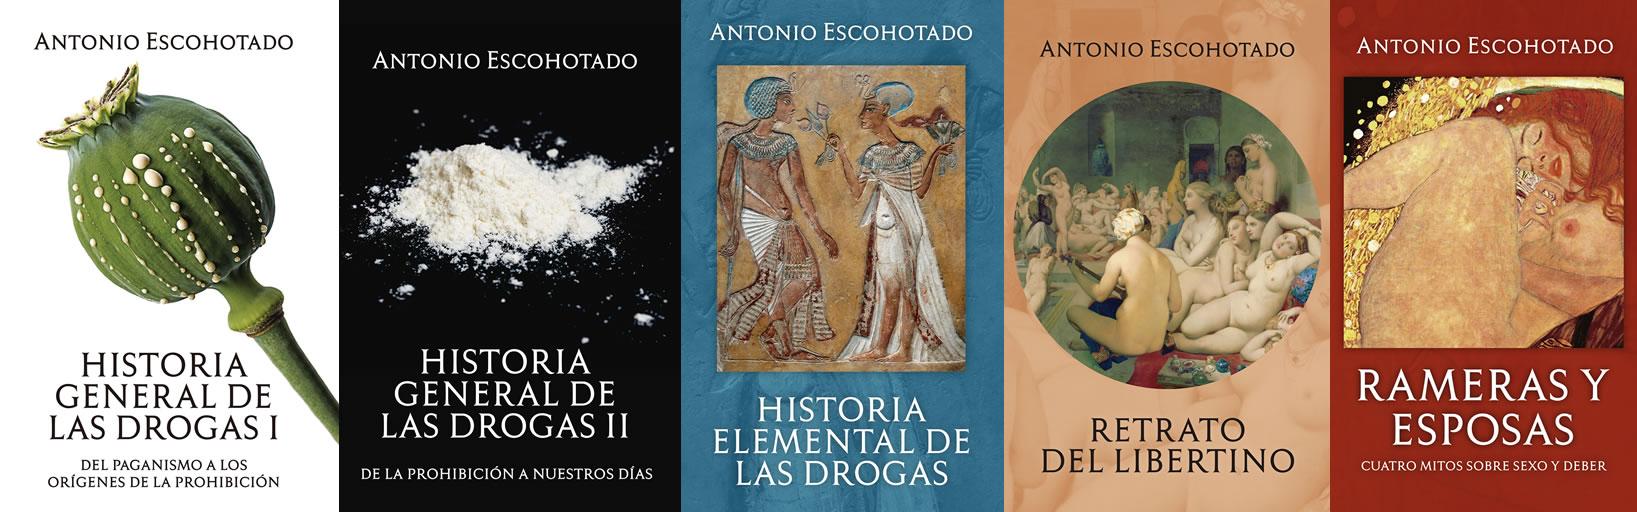 Editorial La Emboscadura - Libros de Antonio Escohotado